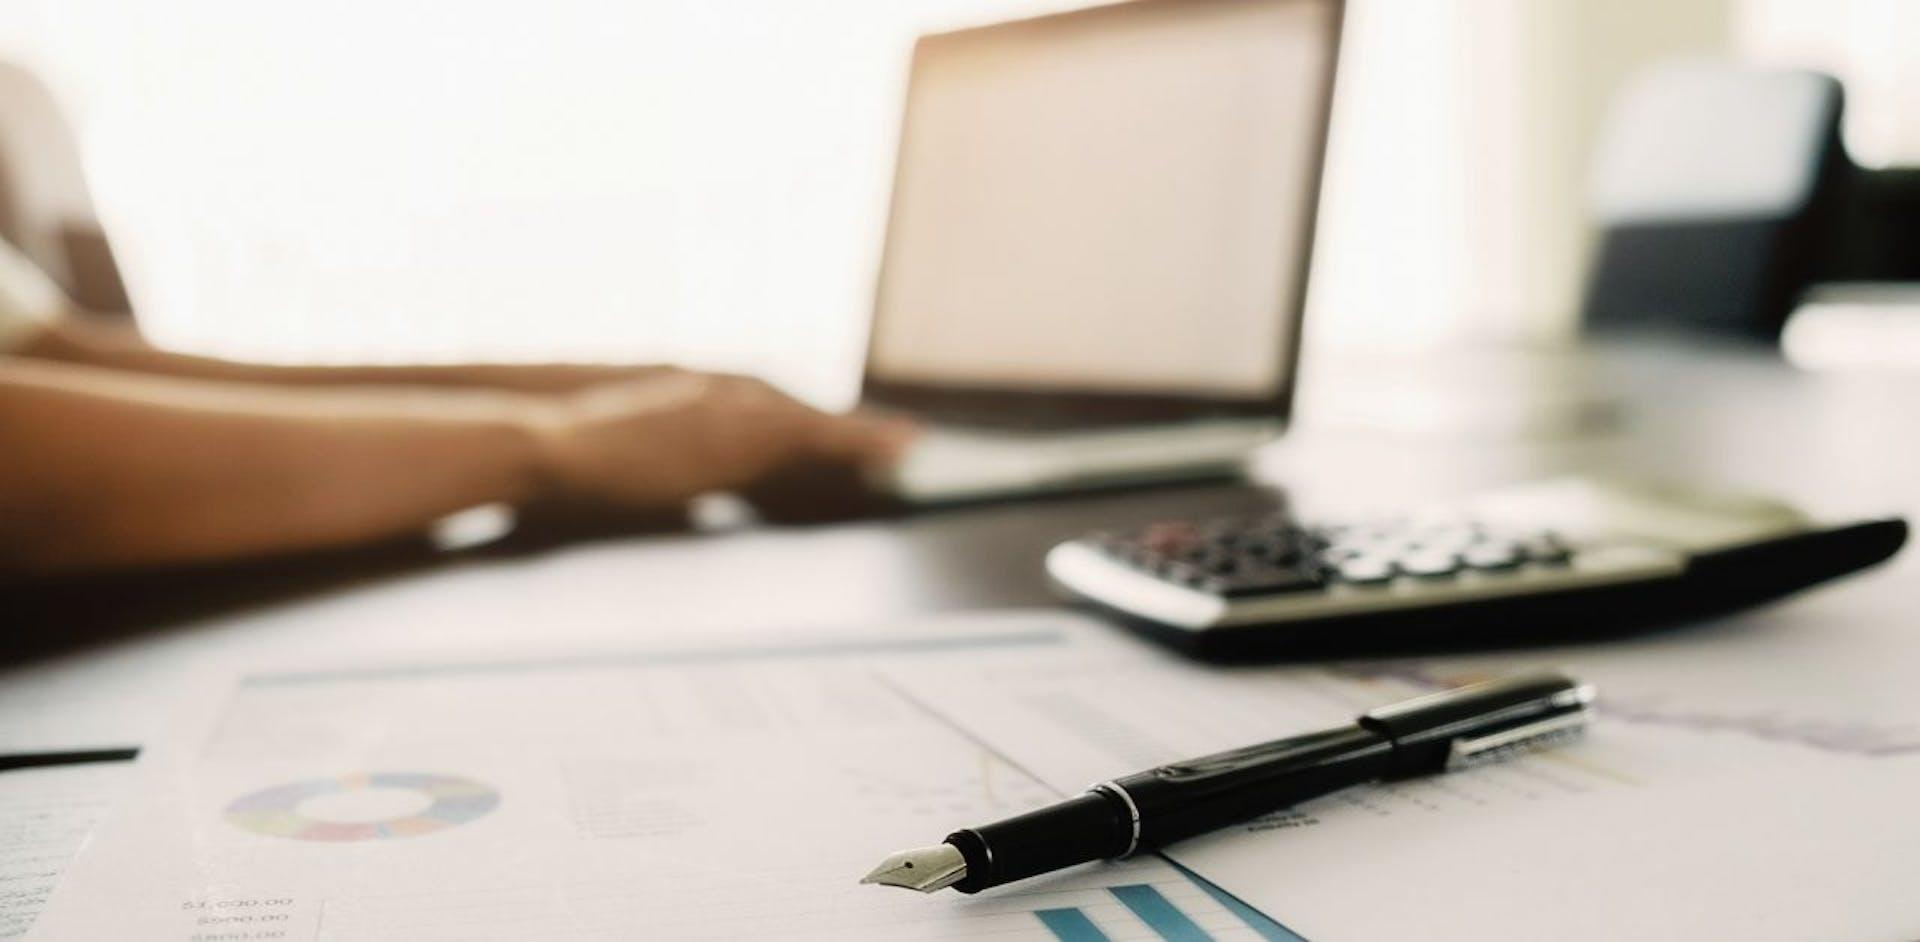 ¡Qué no te engañen! Invierte tu dinero en línea de forma segura